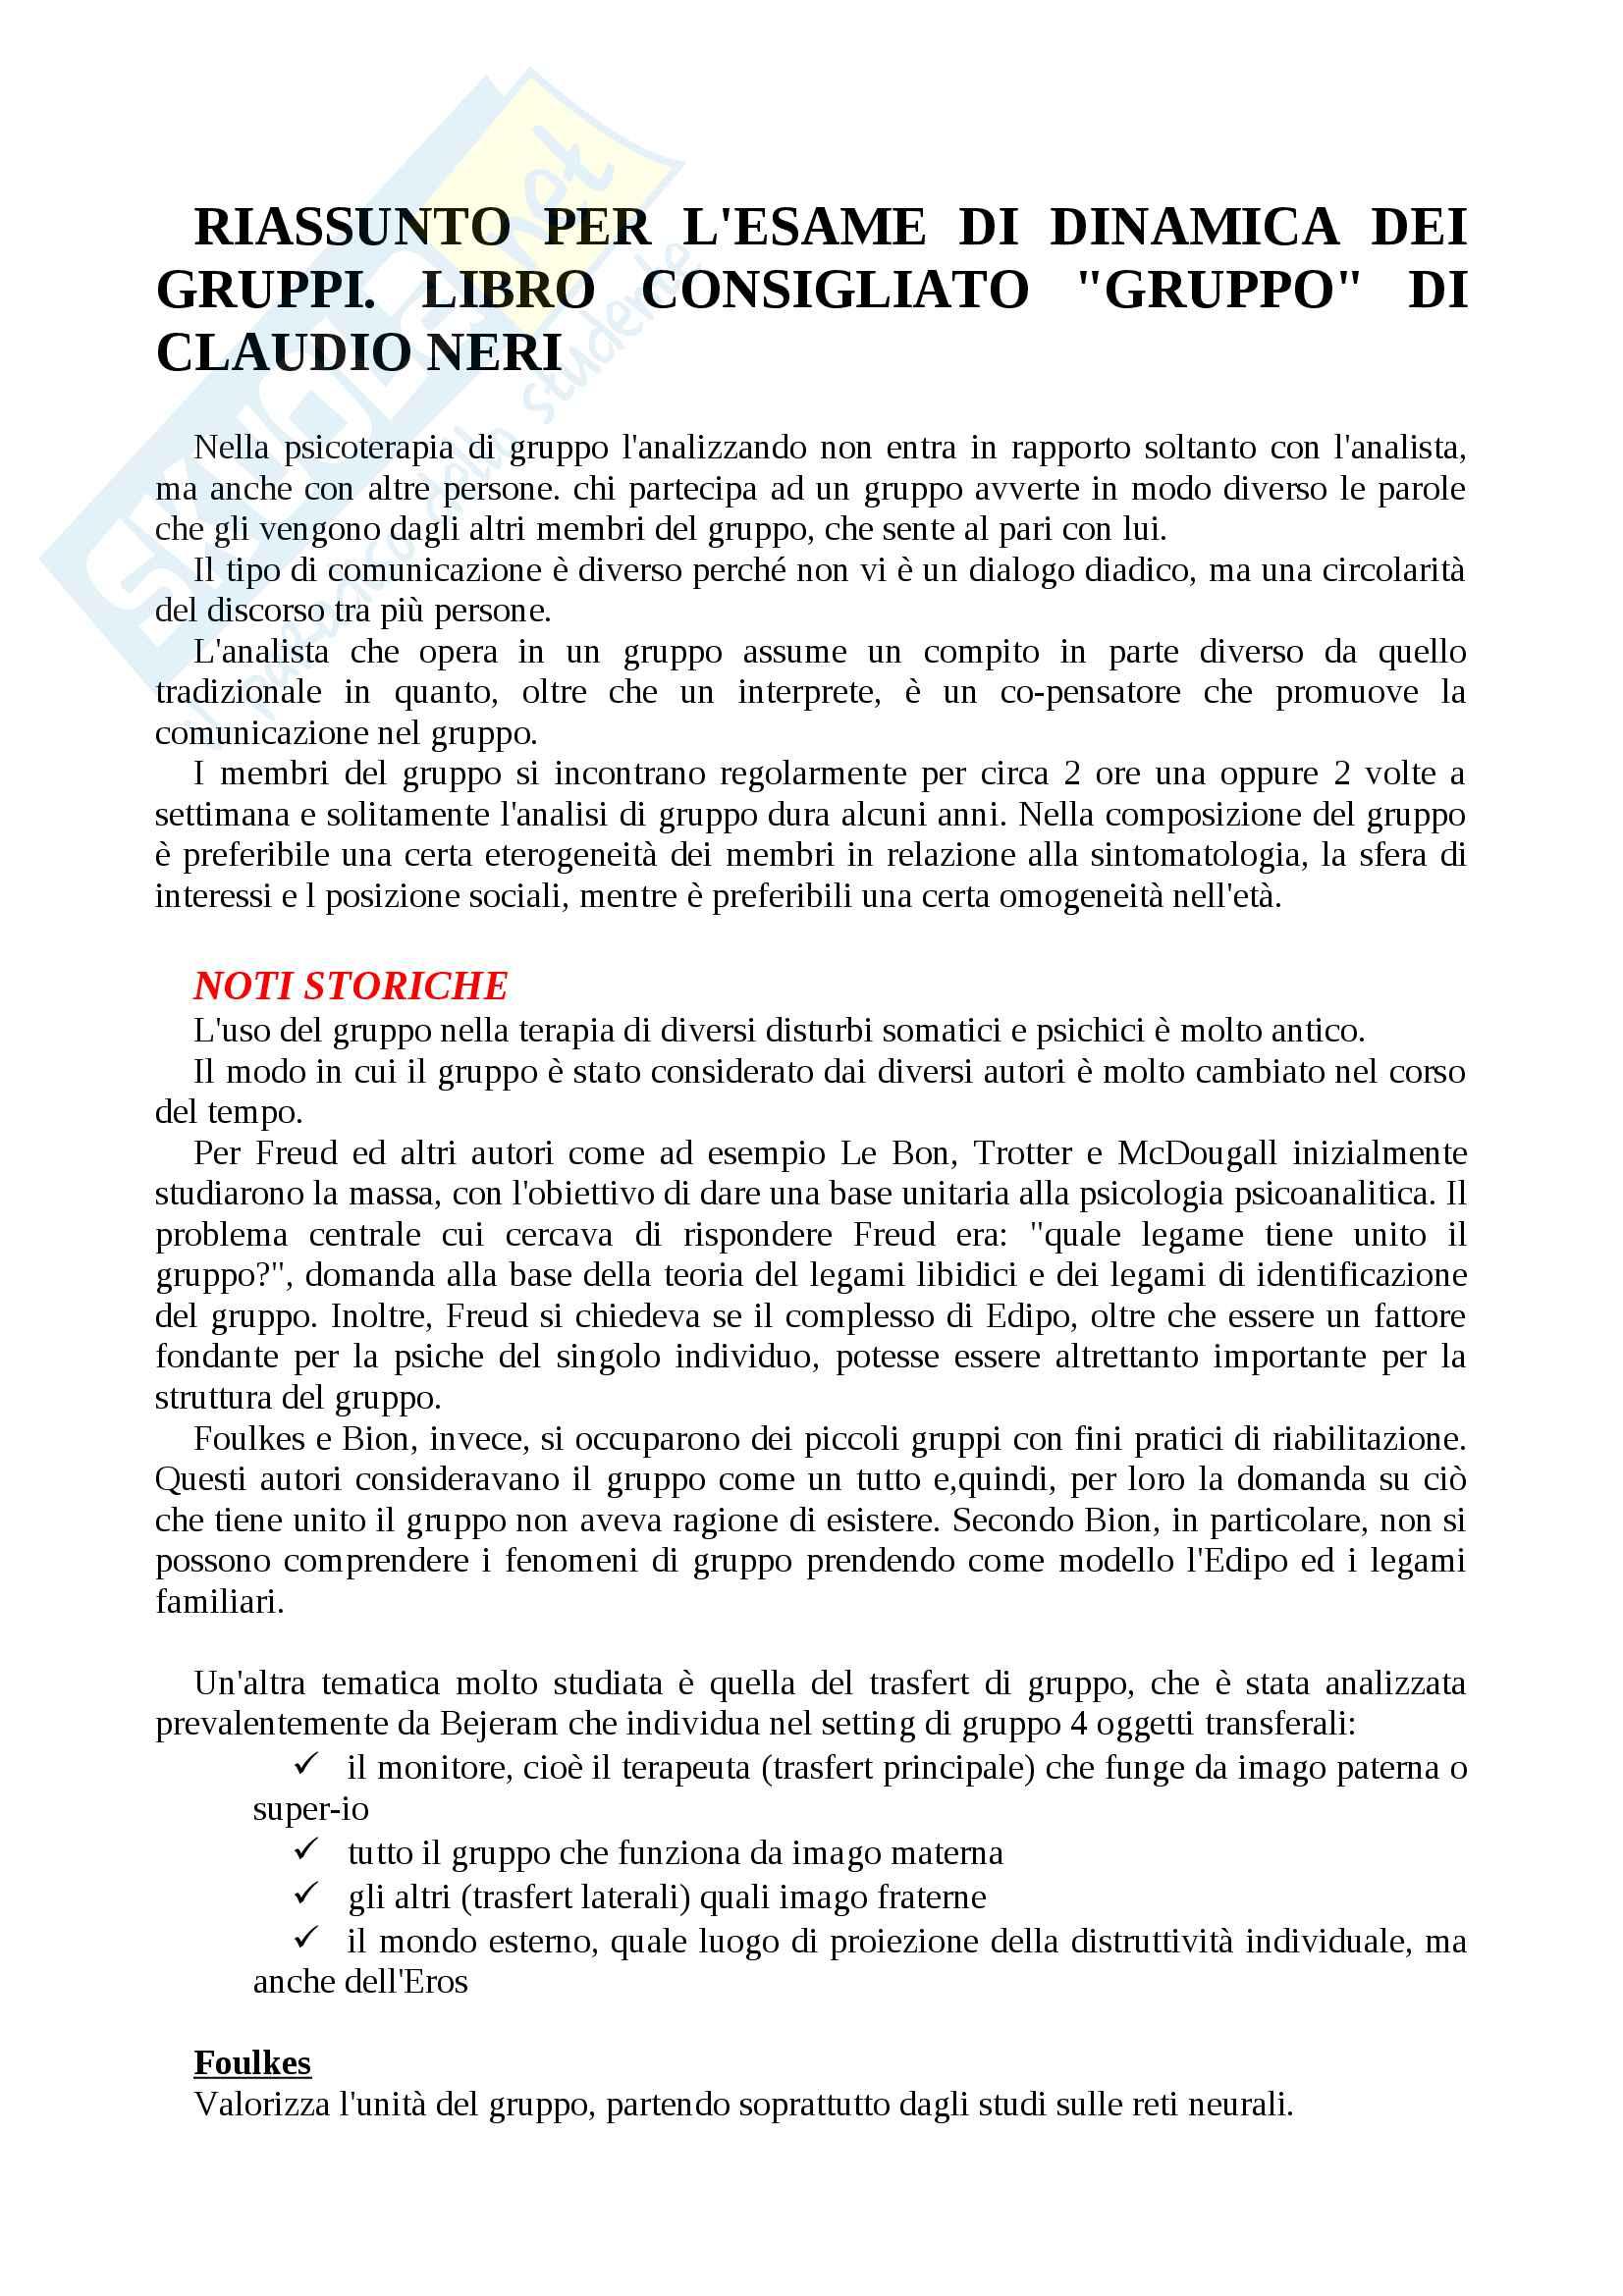 """Riassunto per l'esame di dinamica di gruppo, libro consigliato """"Gruppo"""" di Claudio Neri"""